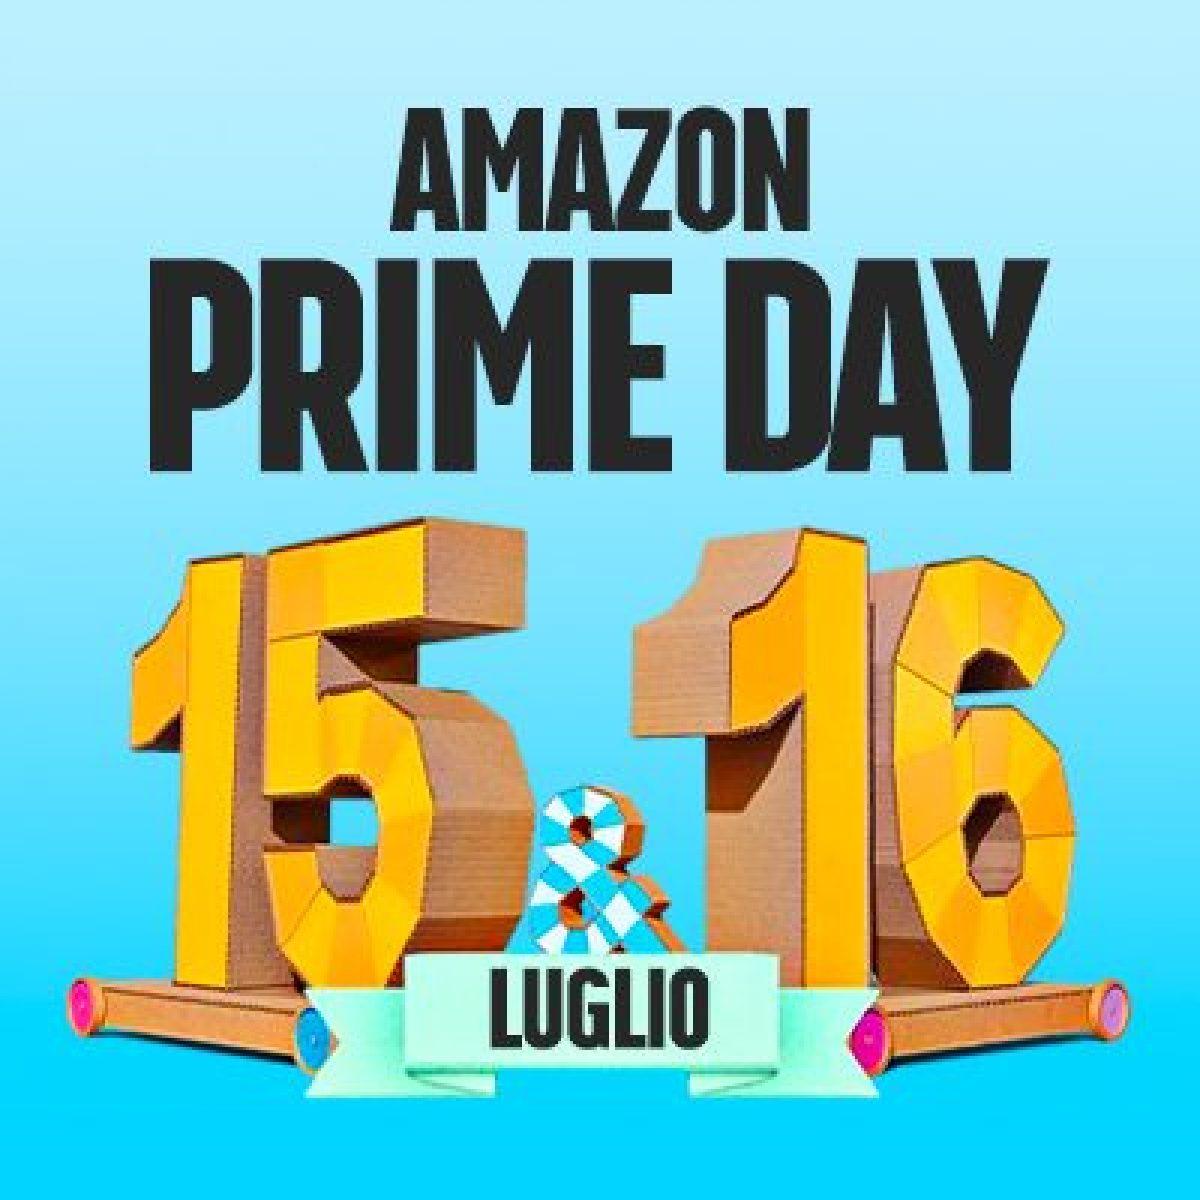 d63594f69b7196 Il Prime Day non è ancora finito: le migliori offerte del momento fino alle  23:59 di oggi